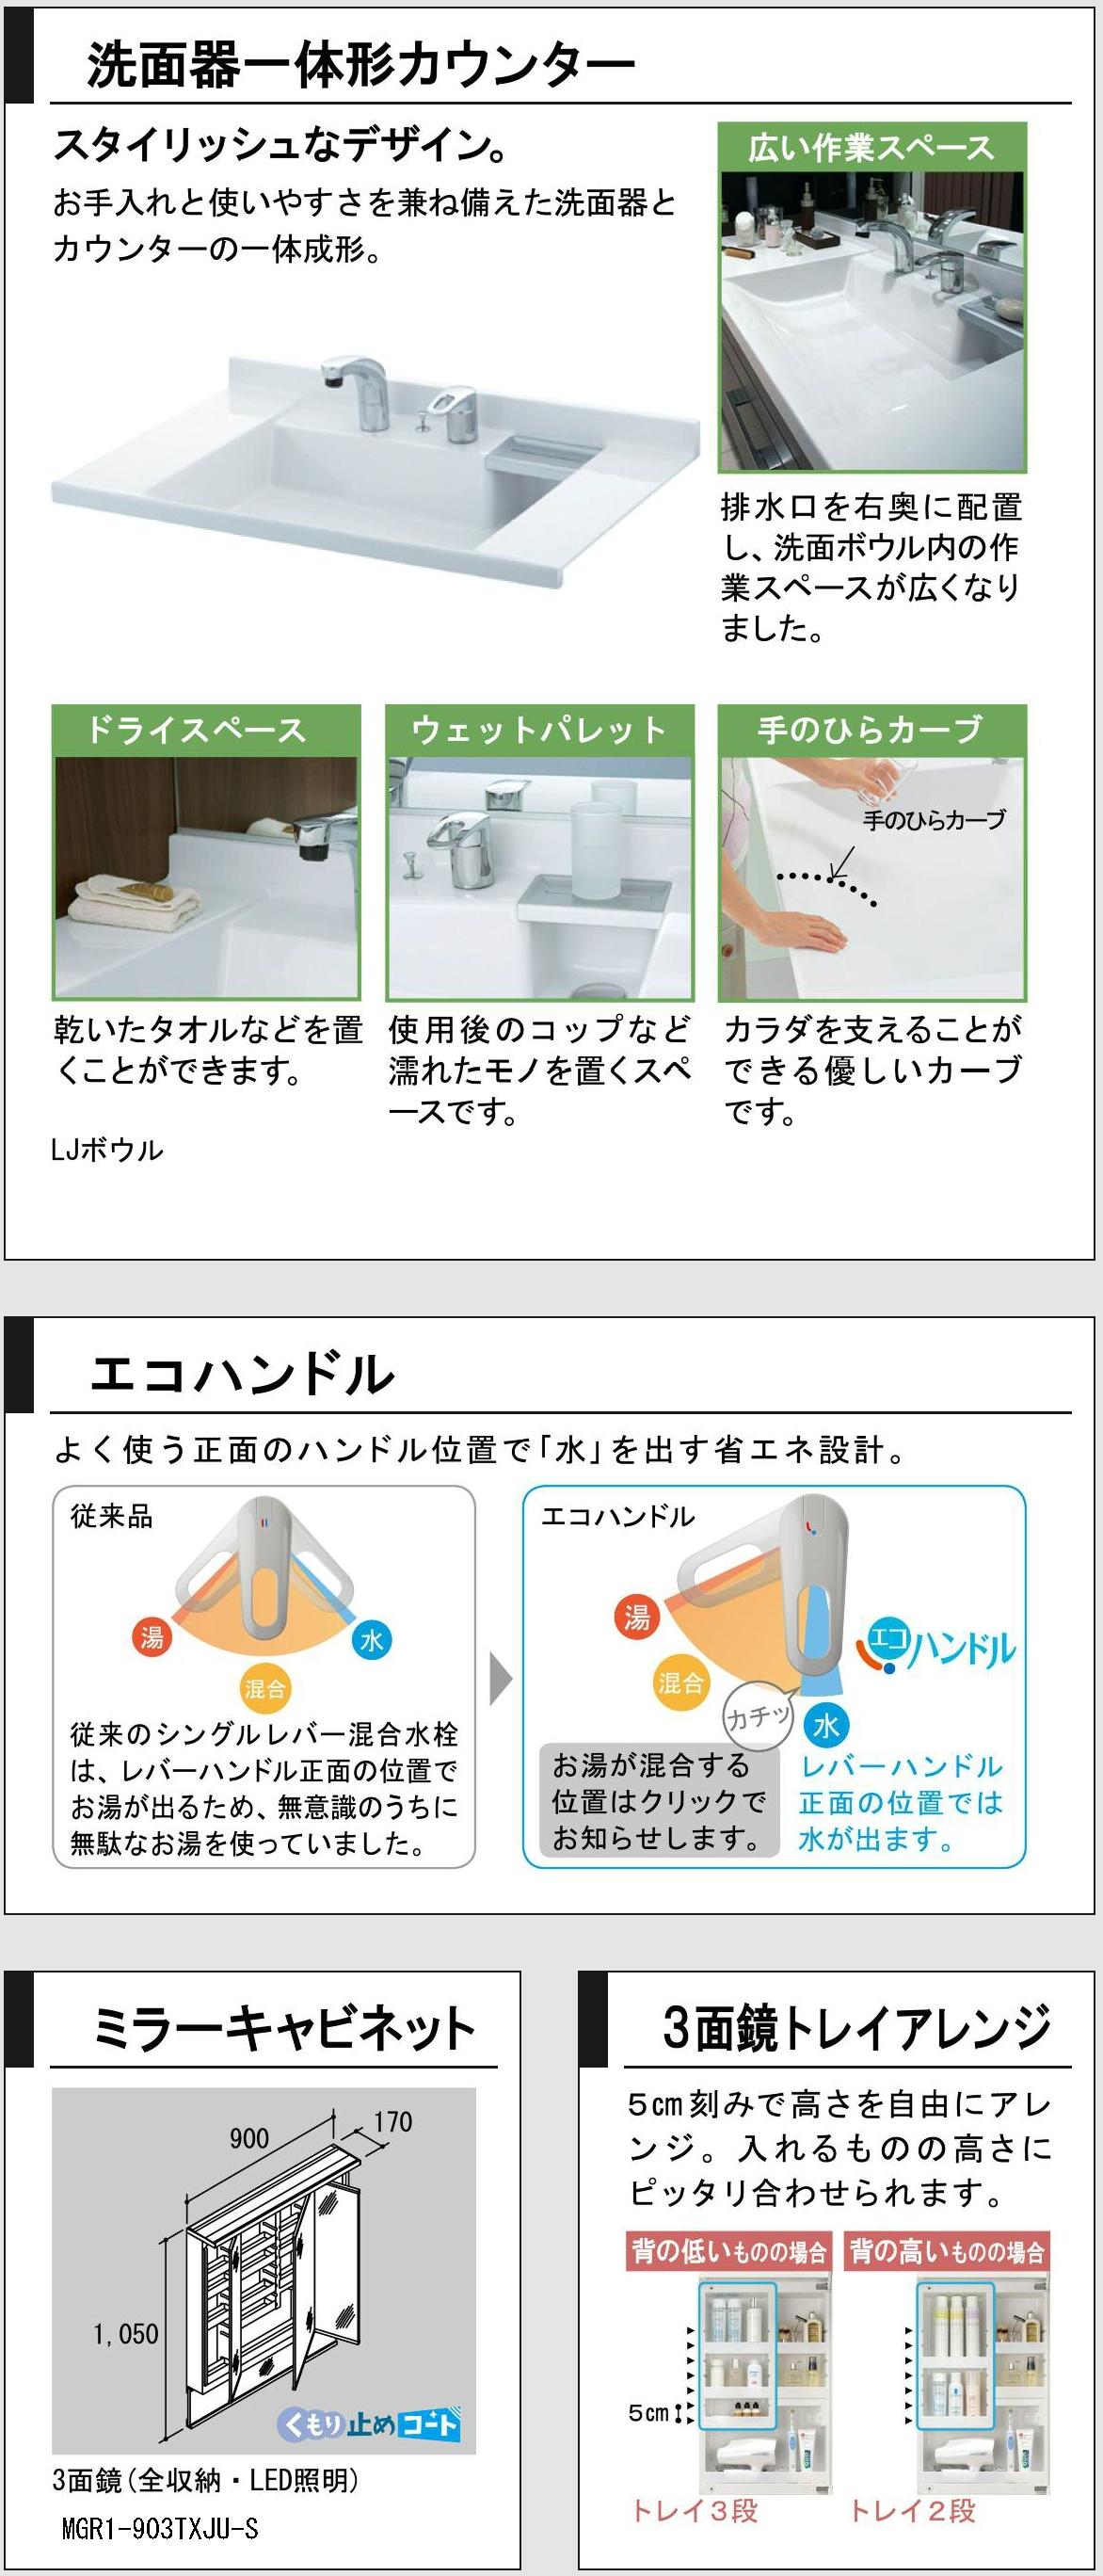 洗面化粧台ラルージュの特長①